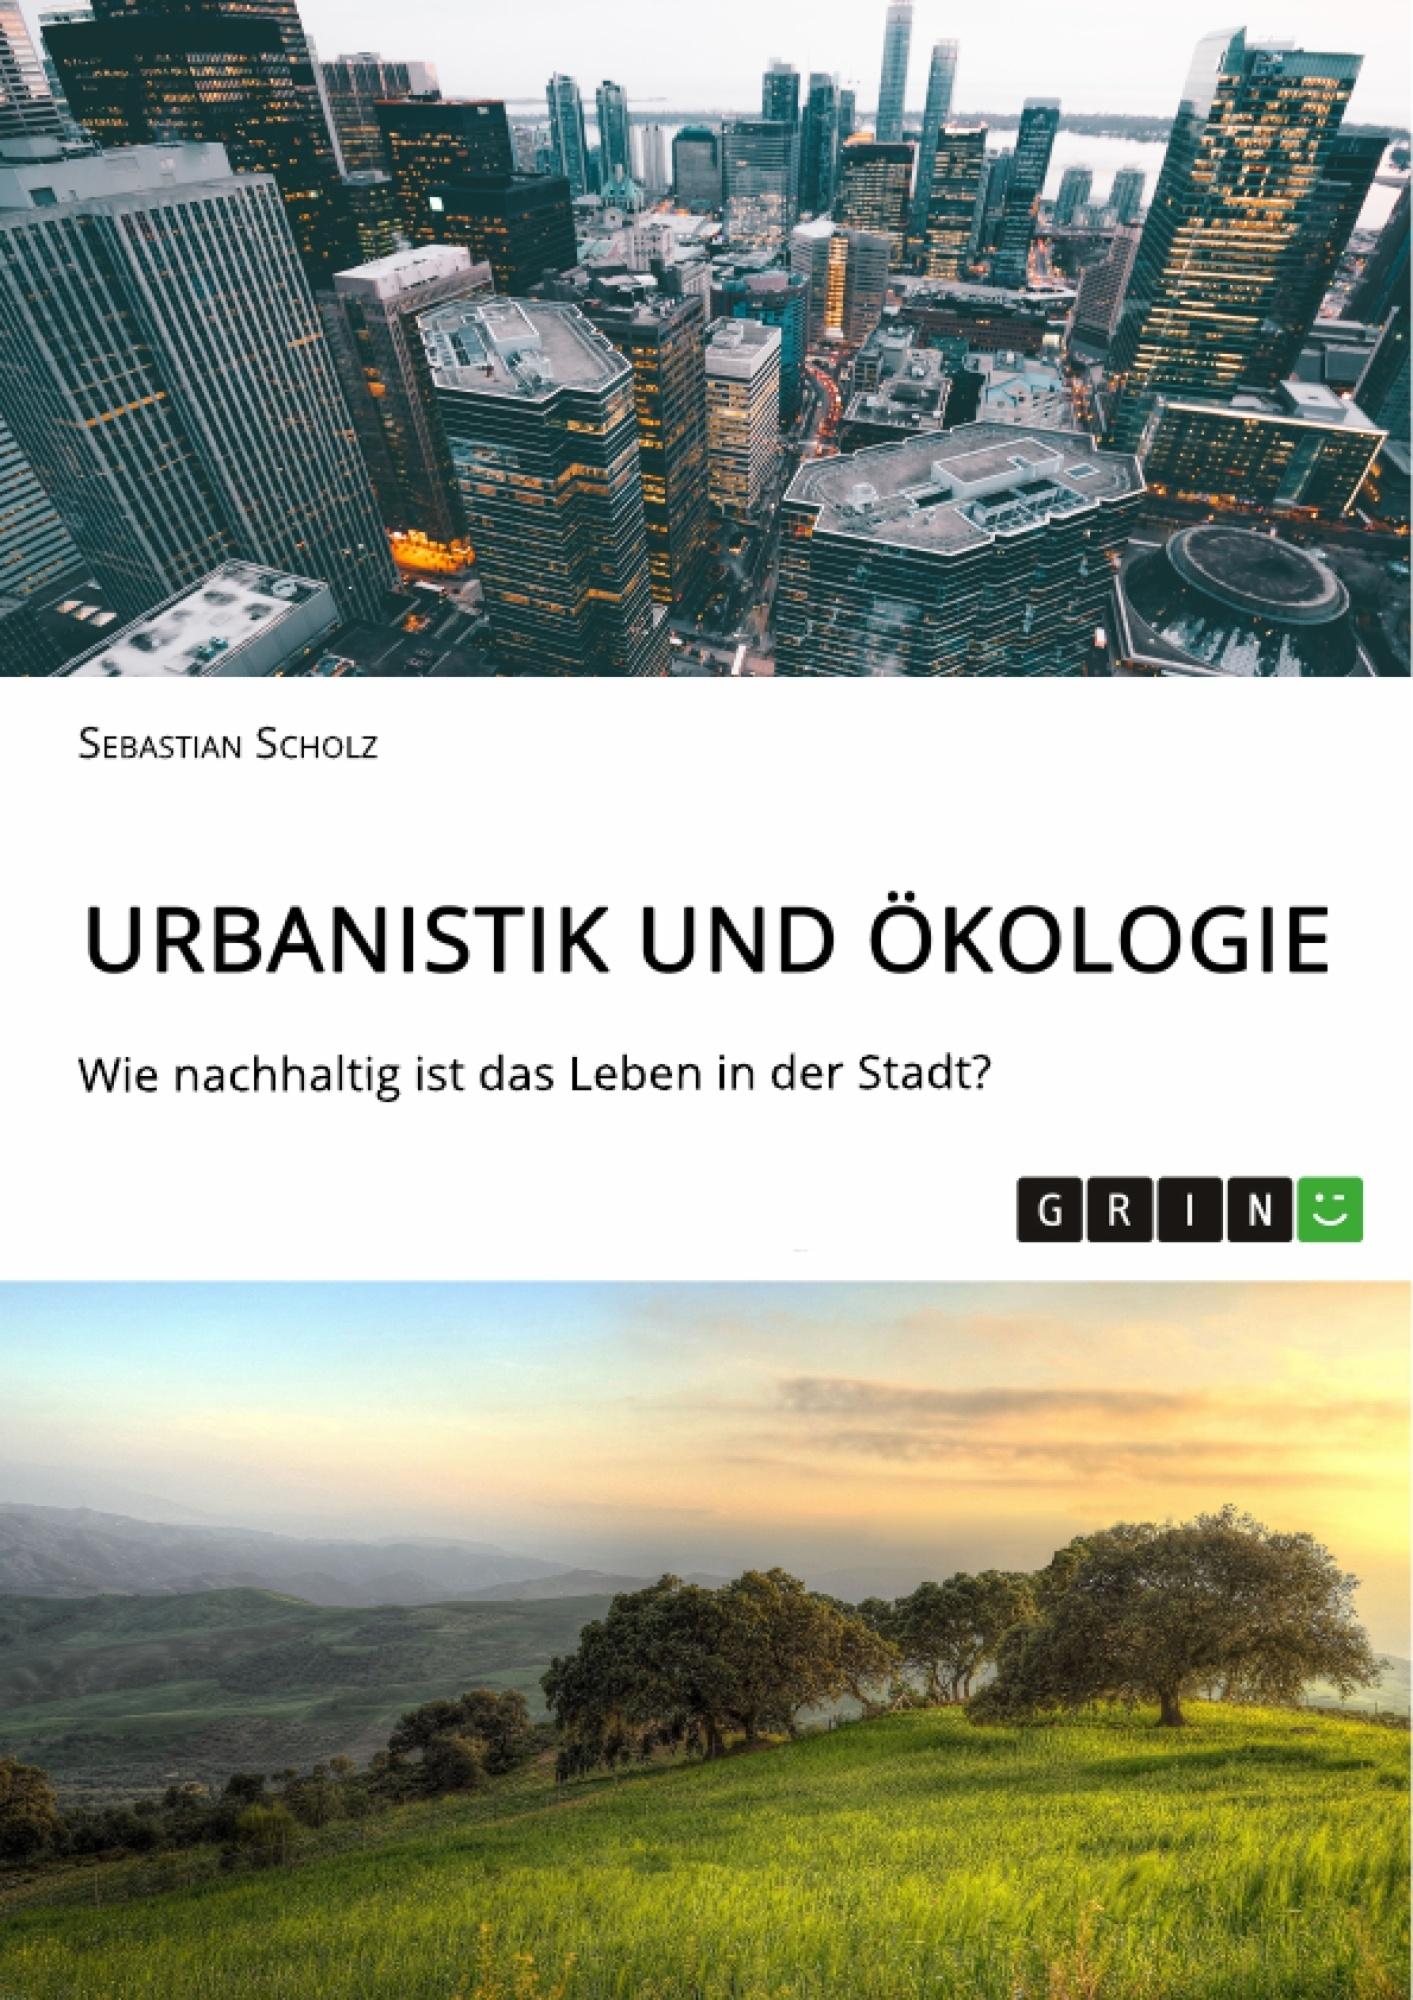 Titel: Urbanistik und Ökologie. Wie nachhaltig ist das Leben in der Stadt?